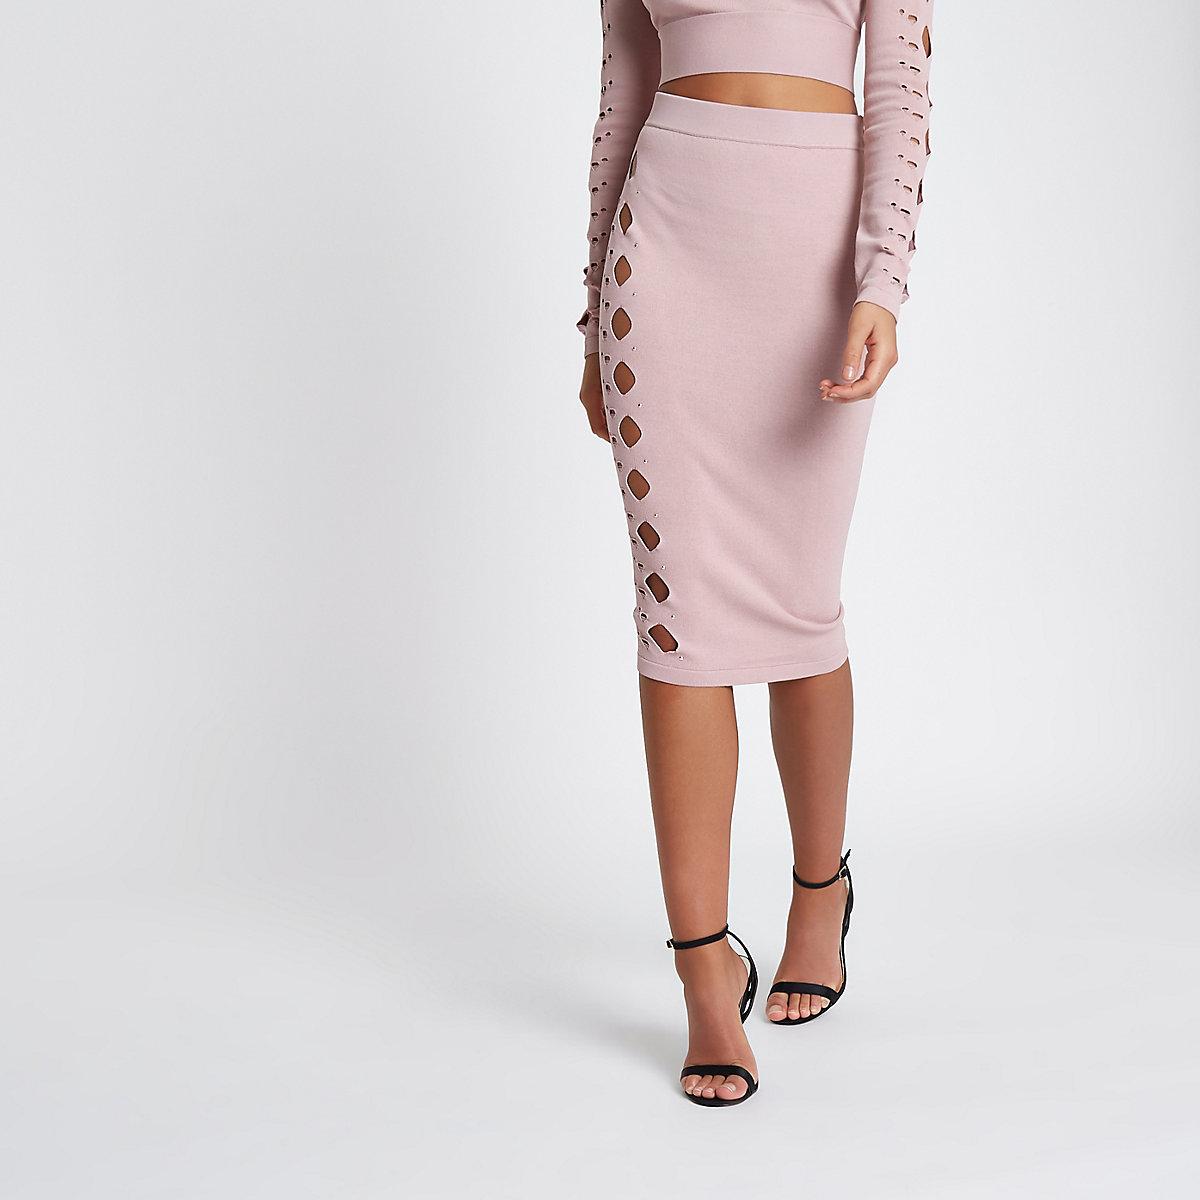 Light pink cut out studded pencil skirt